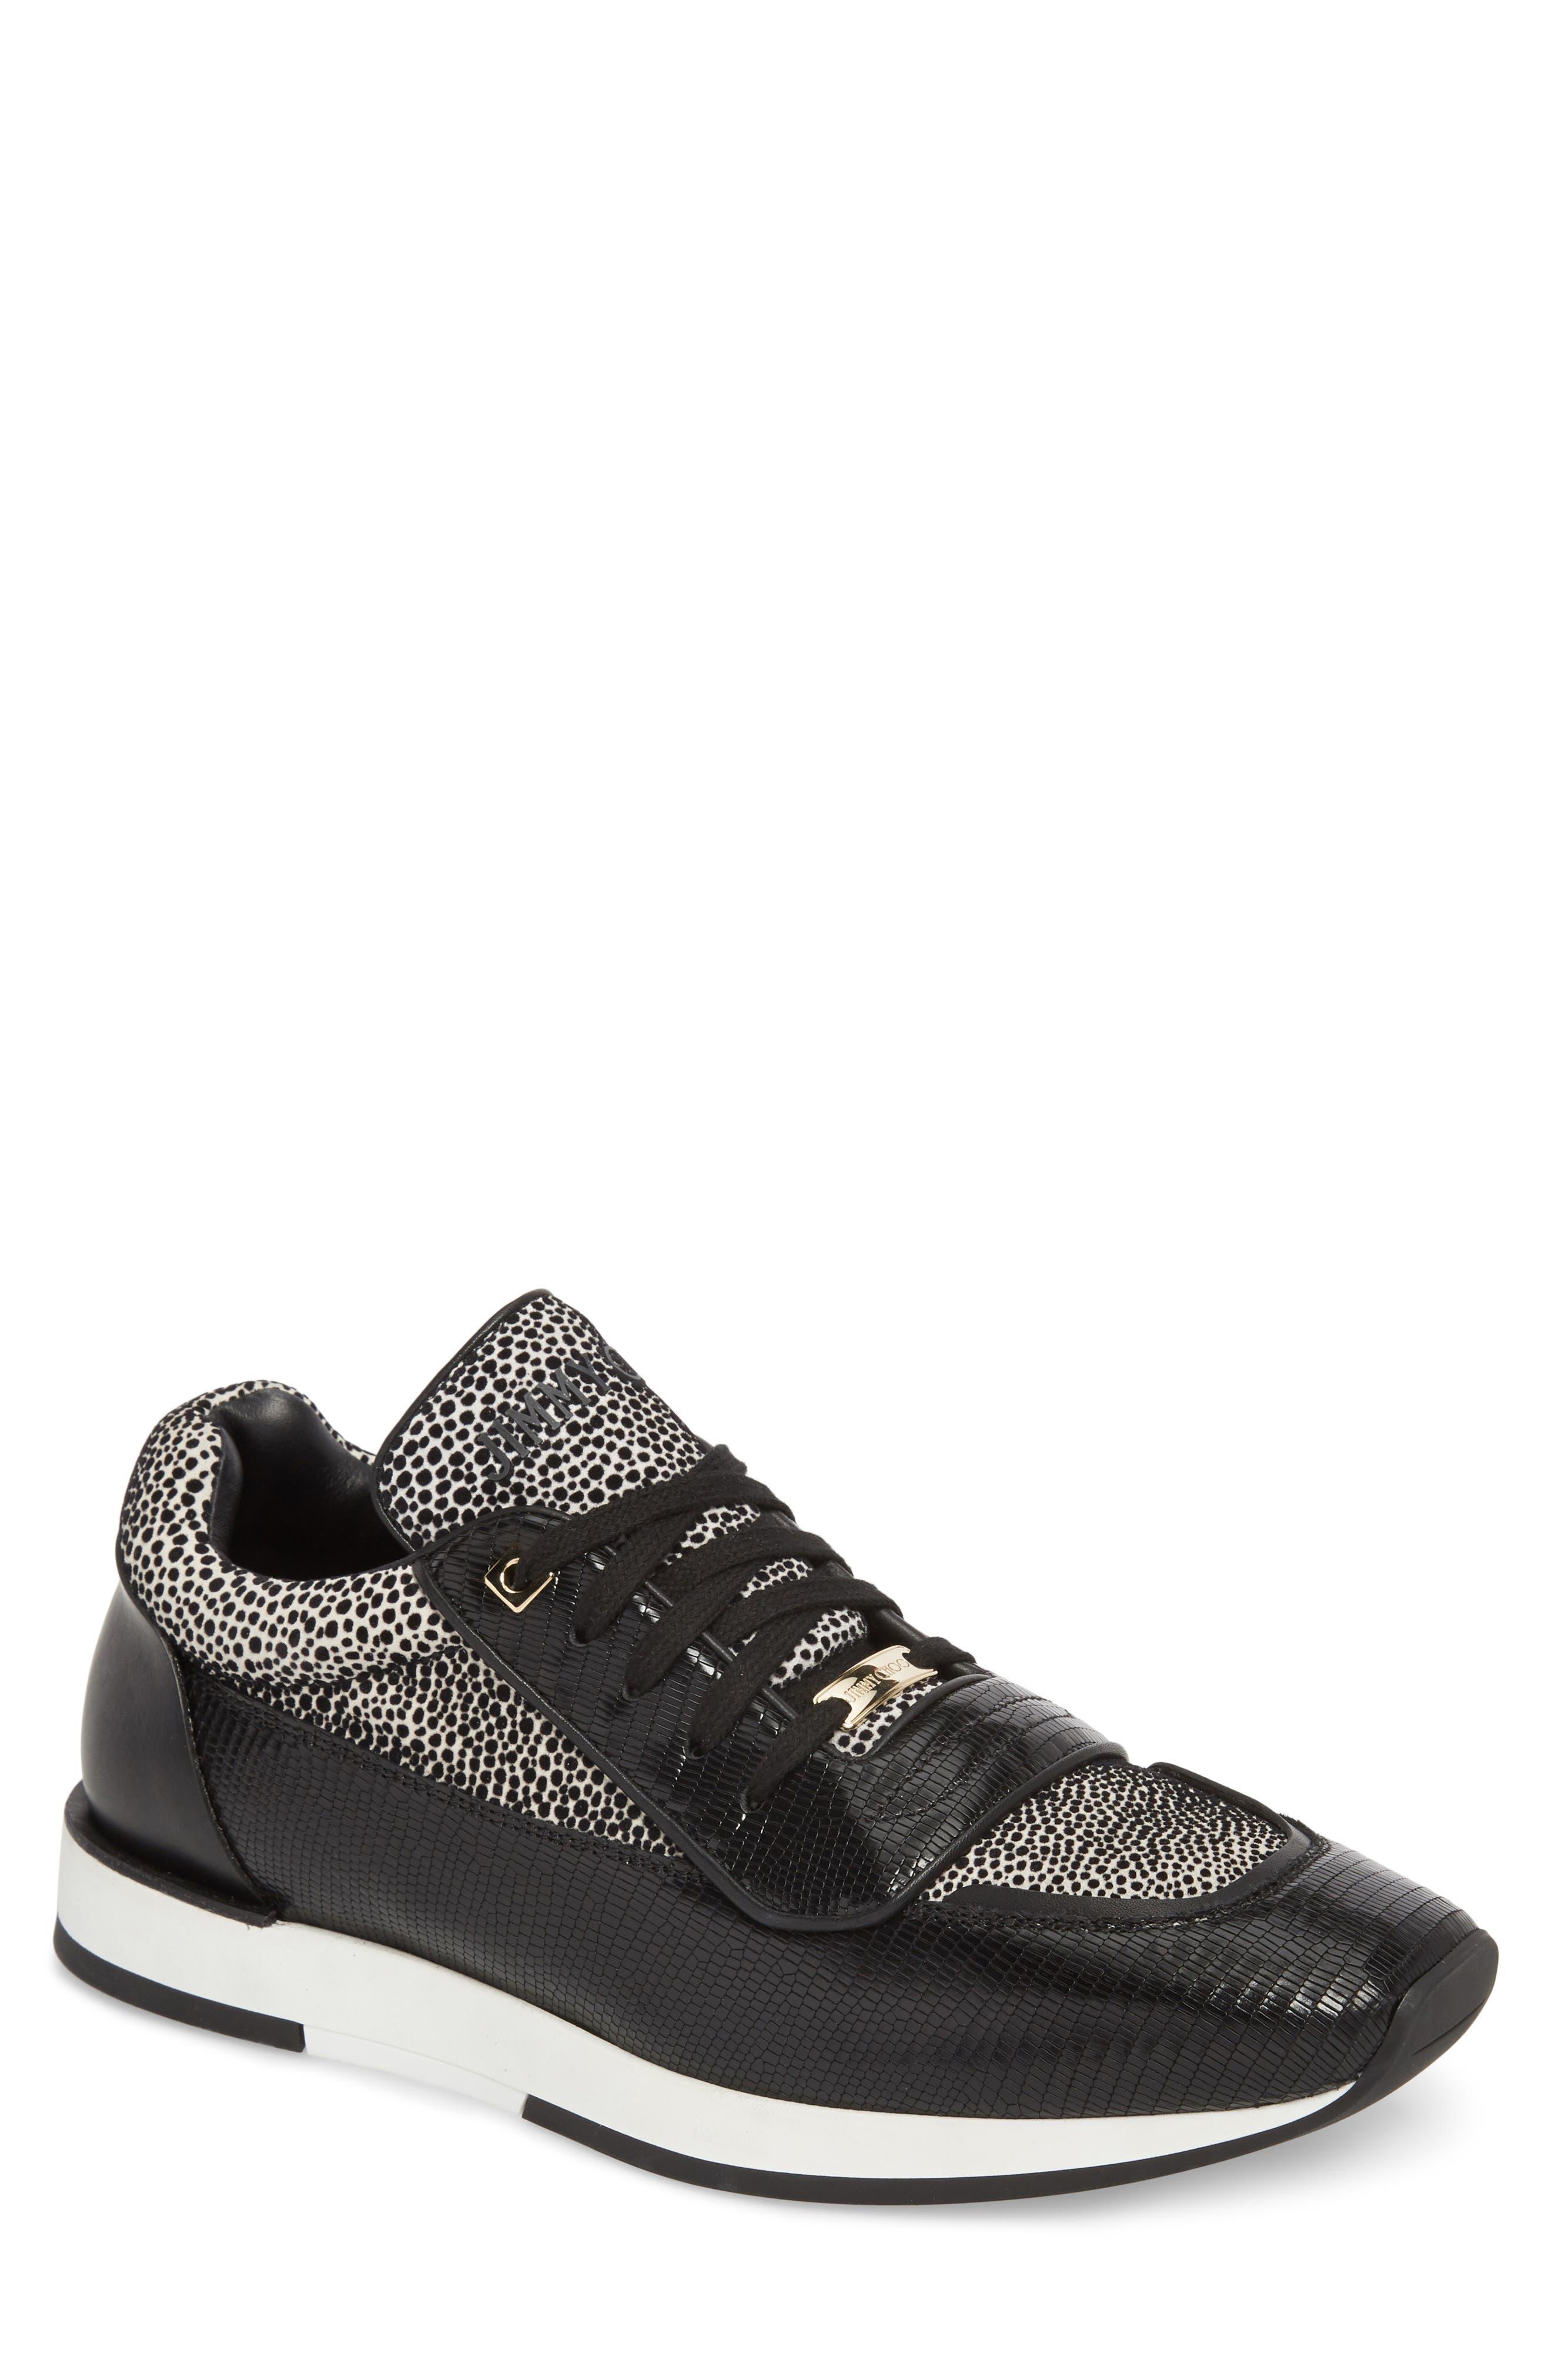 JIMMY CHOO Jett Sneaker, Main, color, 001